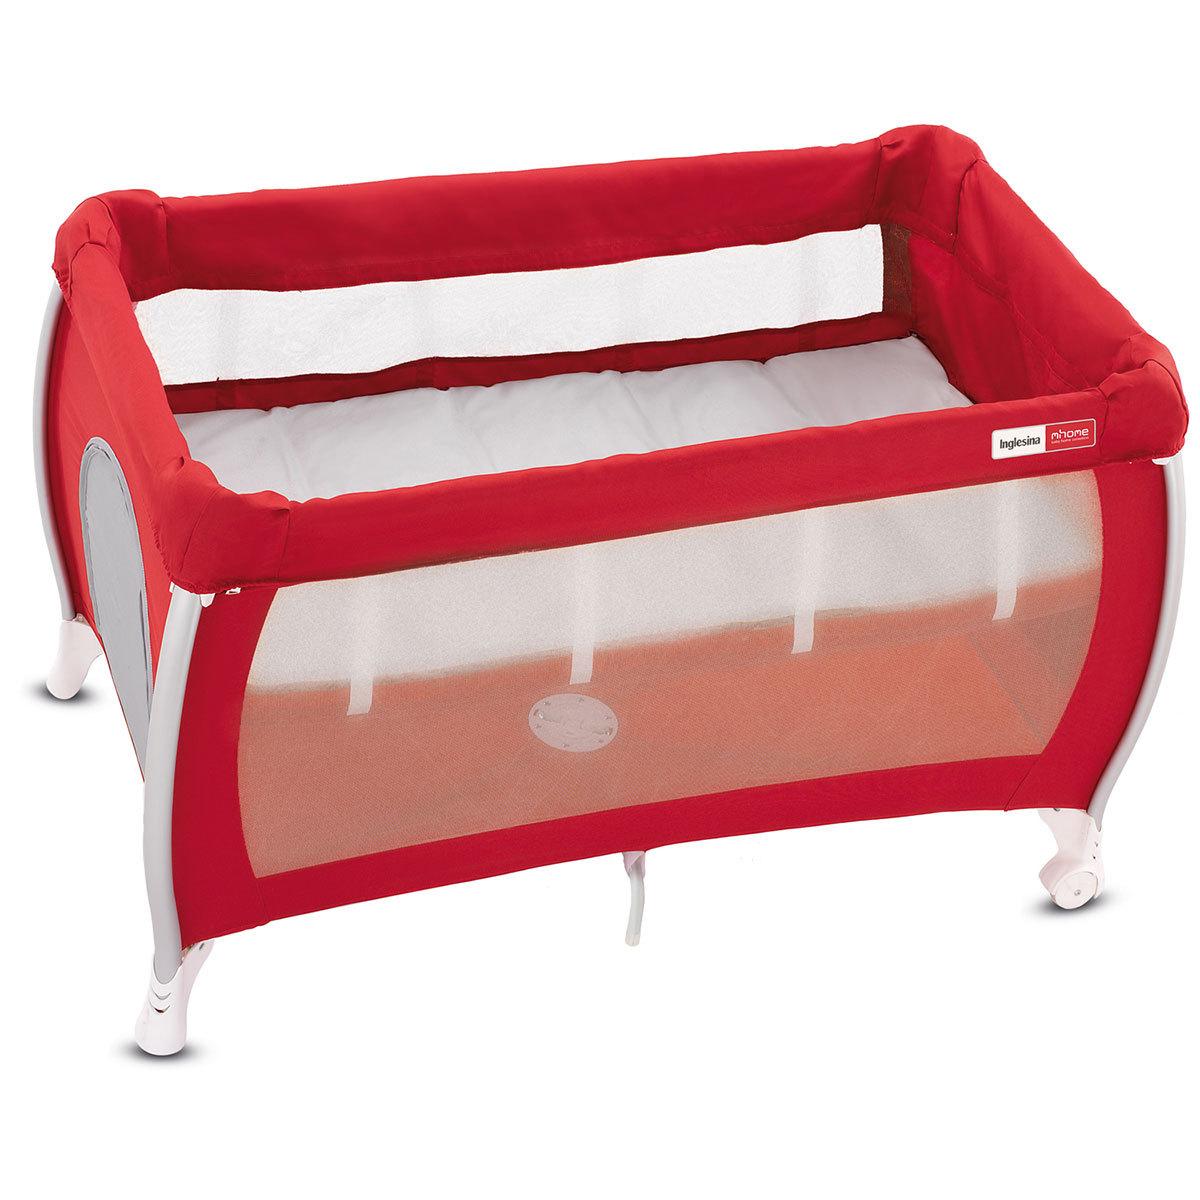 inglesina lit de voyage lodge red lit parapluie inglesina sur l 39 armoire de b b. Black Bedroom Furniture Sets. Home Design Ideas